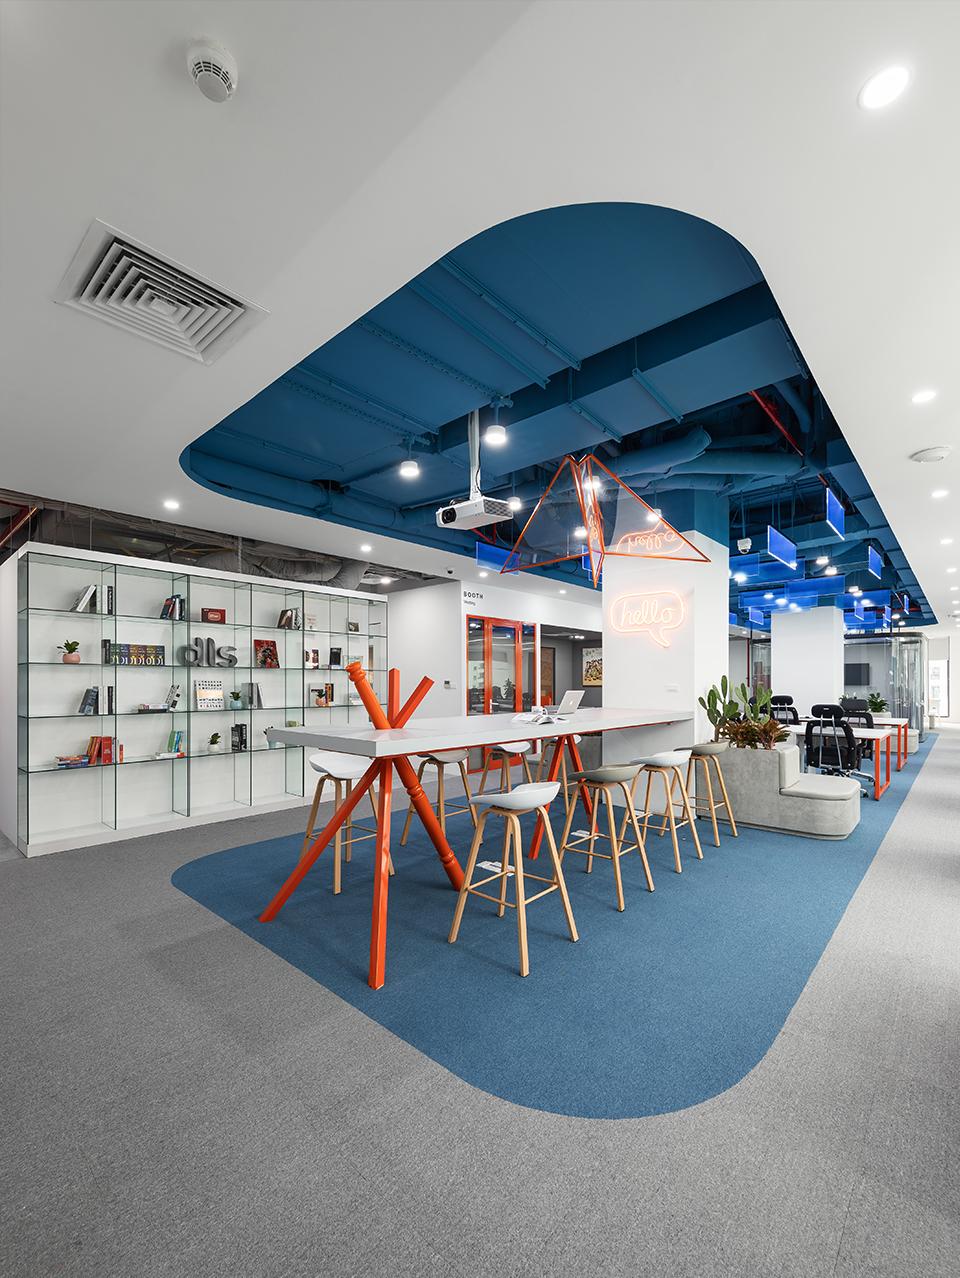 Khu vực họp nhanh, trao đổi ngắn của các nhân viên tại văn phòng công ty DLS với hình ảnh máy bay sáng tạo trên trần và những chiếc cọc thể hiện tính vững chắc, kiên định ở khu vực bàn họp